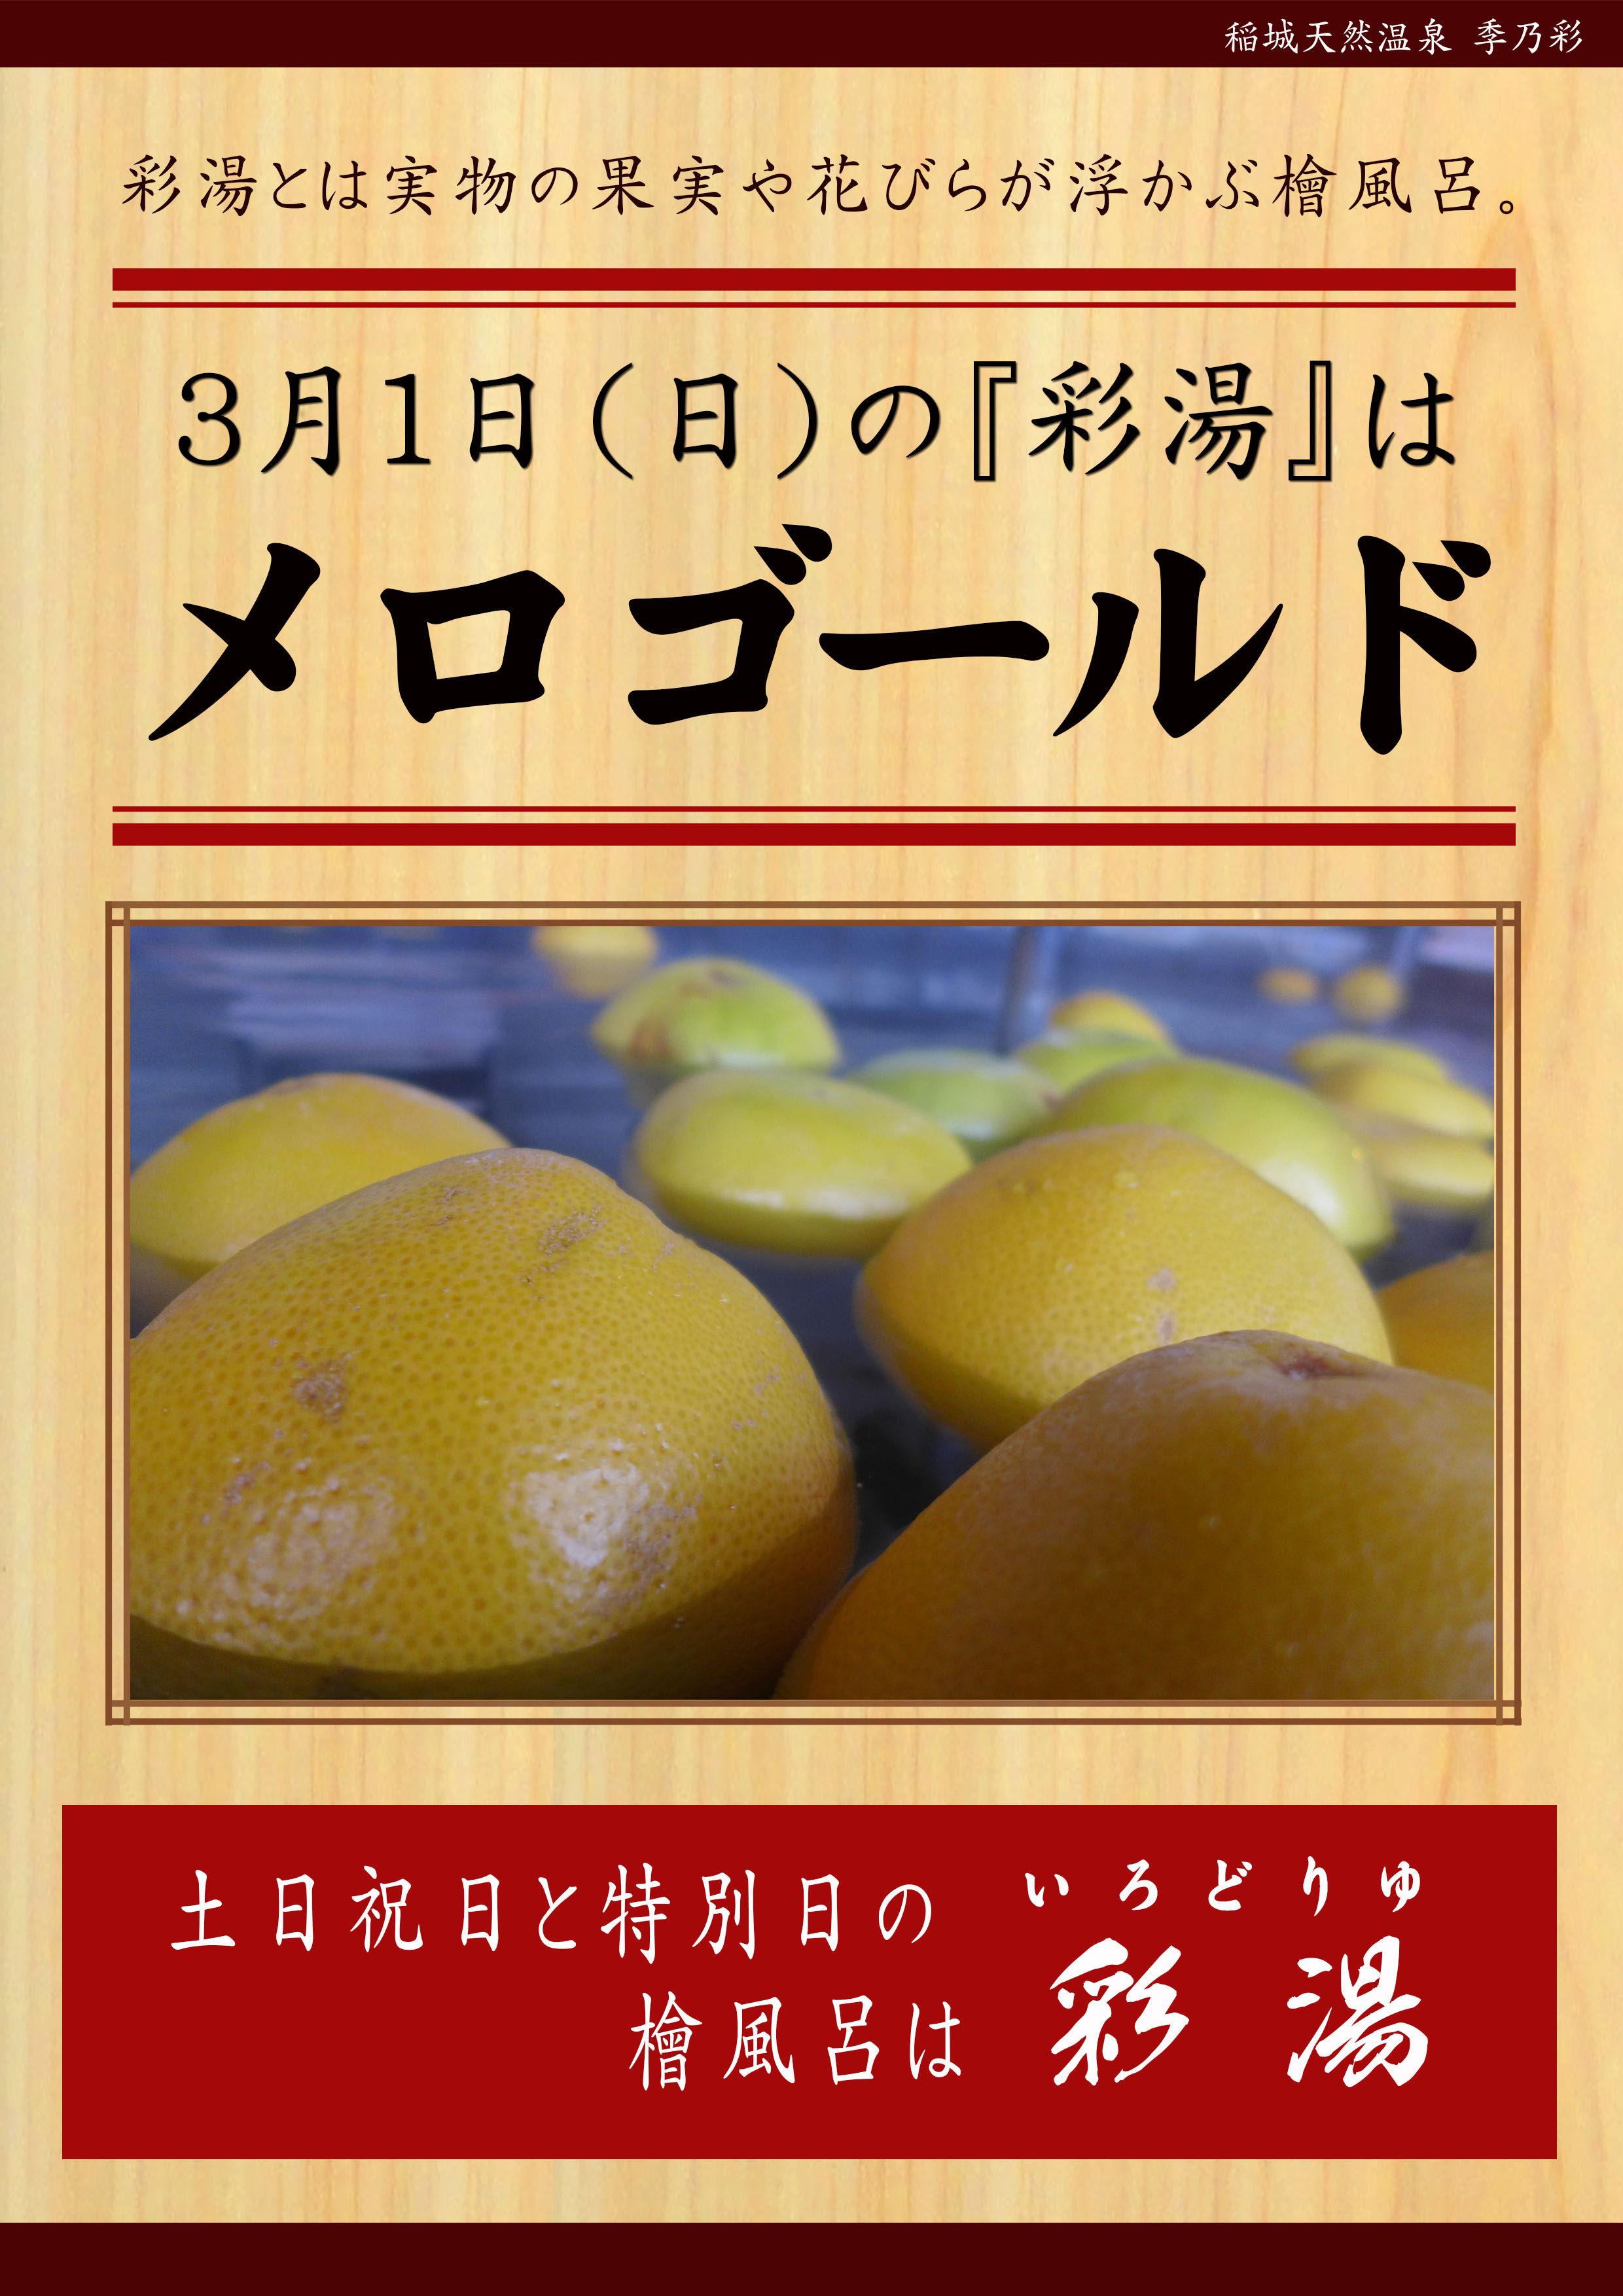 200301 POP イベント 彩湯 メロゴールド